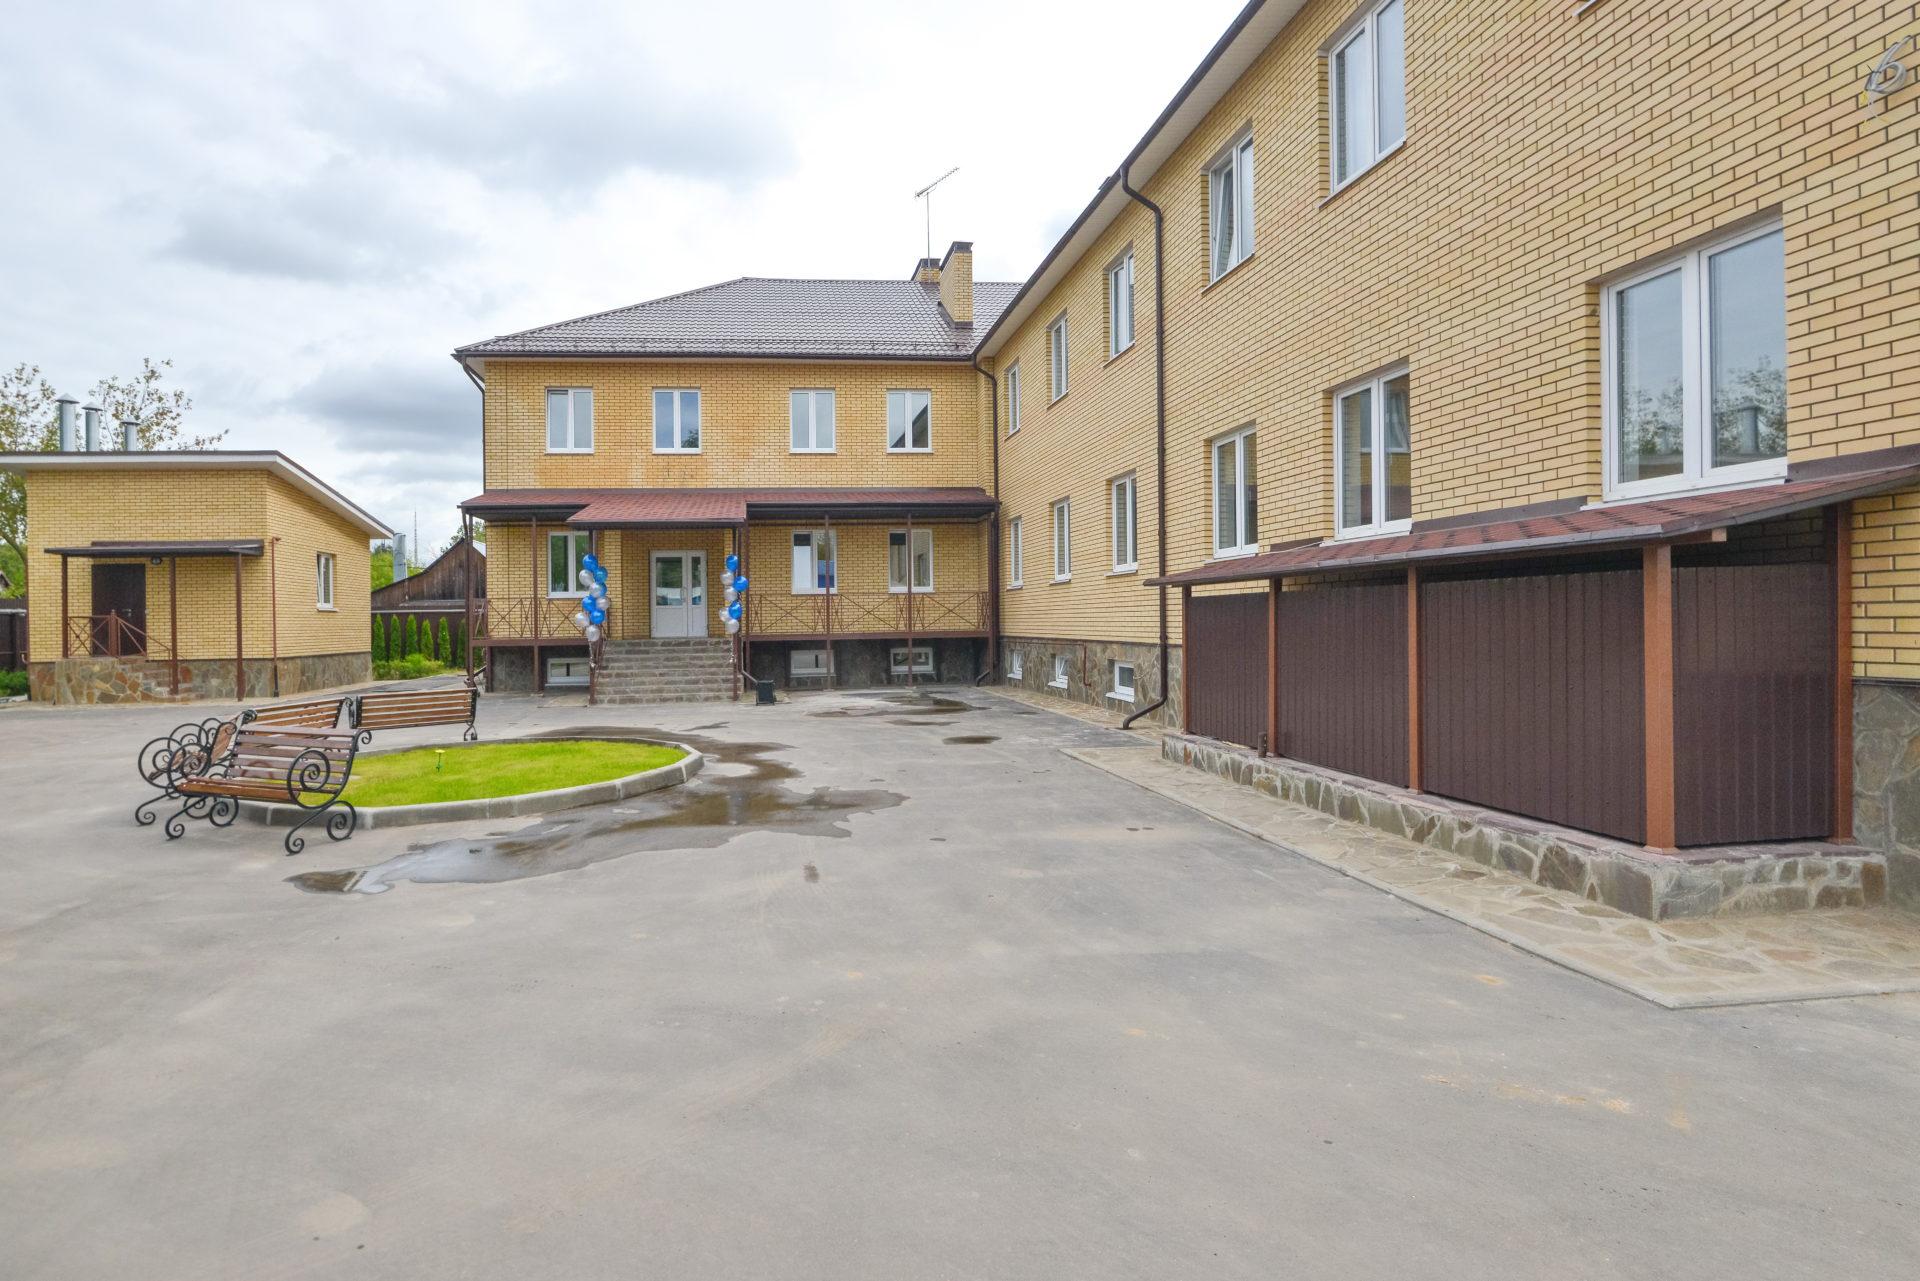 Дом престарелых курской области вакансии сторож в частный дом москва